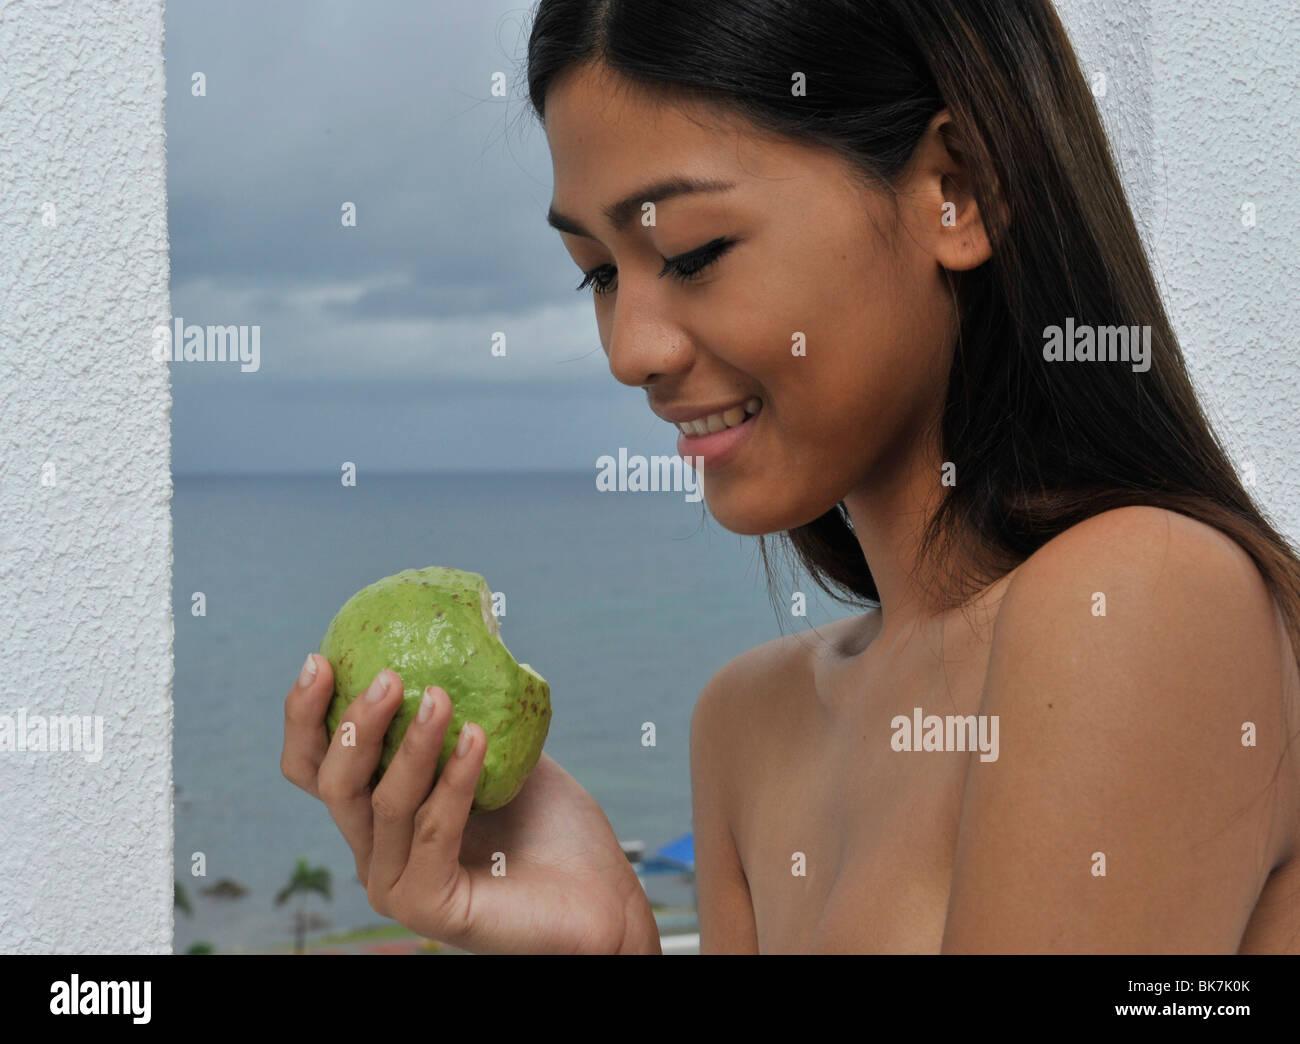 Fille avec goyave, Thunderbird Resort et Spa, La Union, Philippines, en Asie du Sud-Est, Asie&#10,&#10, Photo Stock